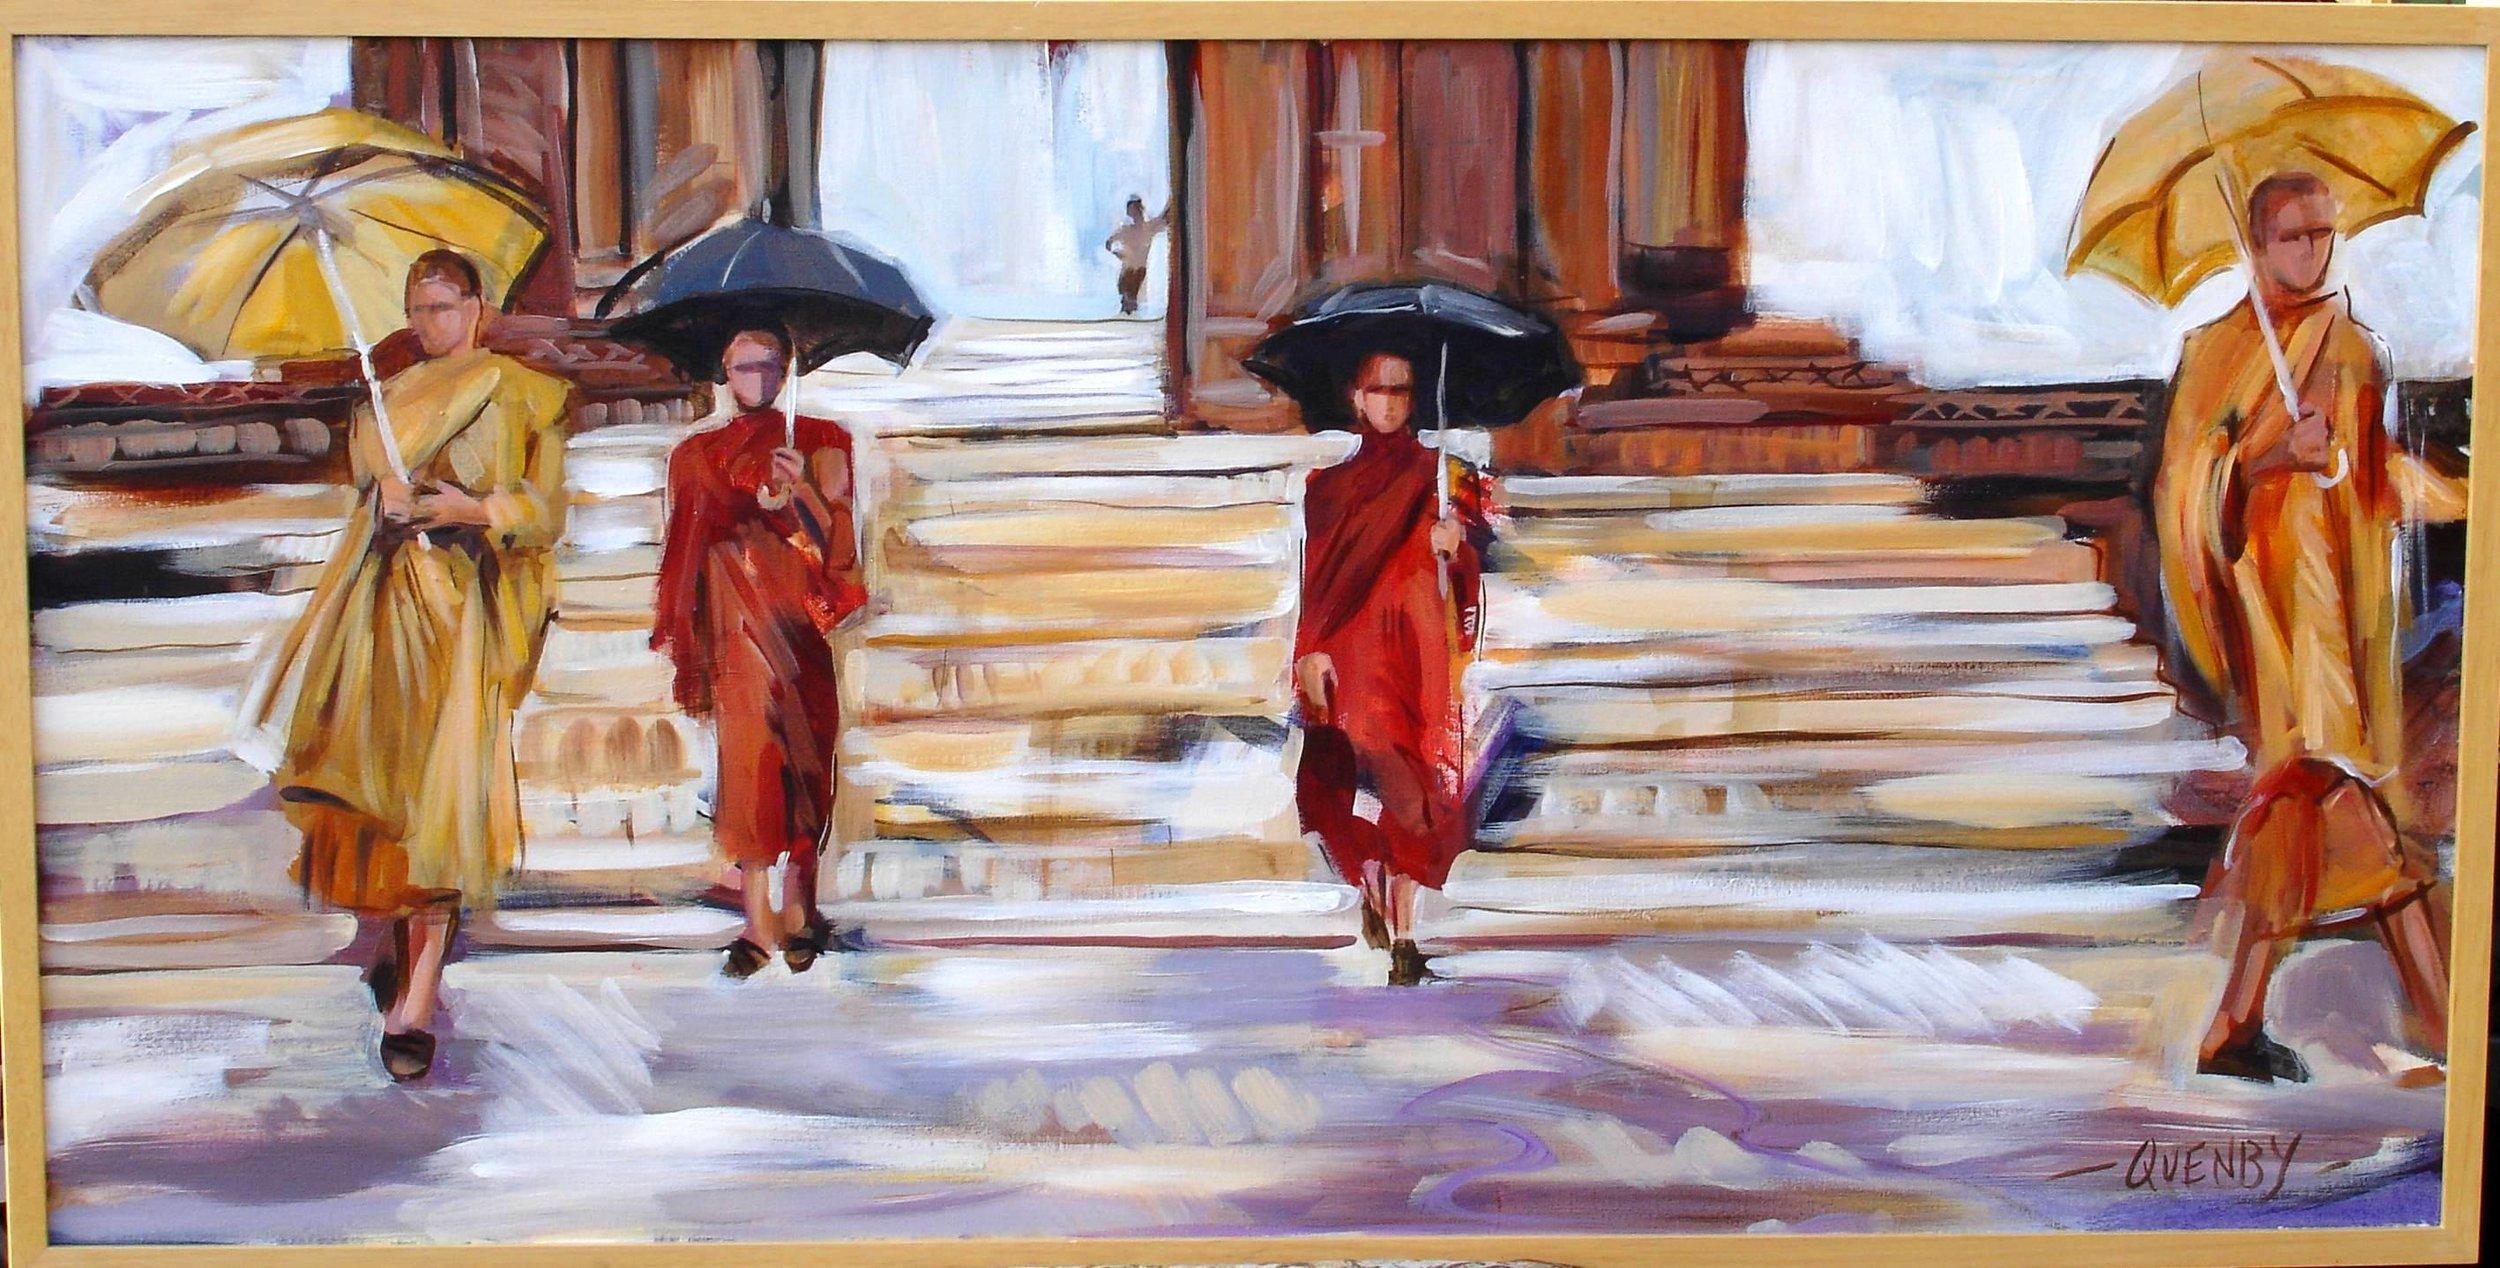 Tibet or not Tibet 24x48.jpg